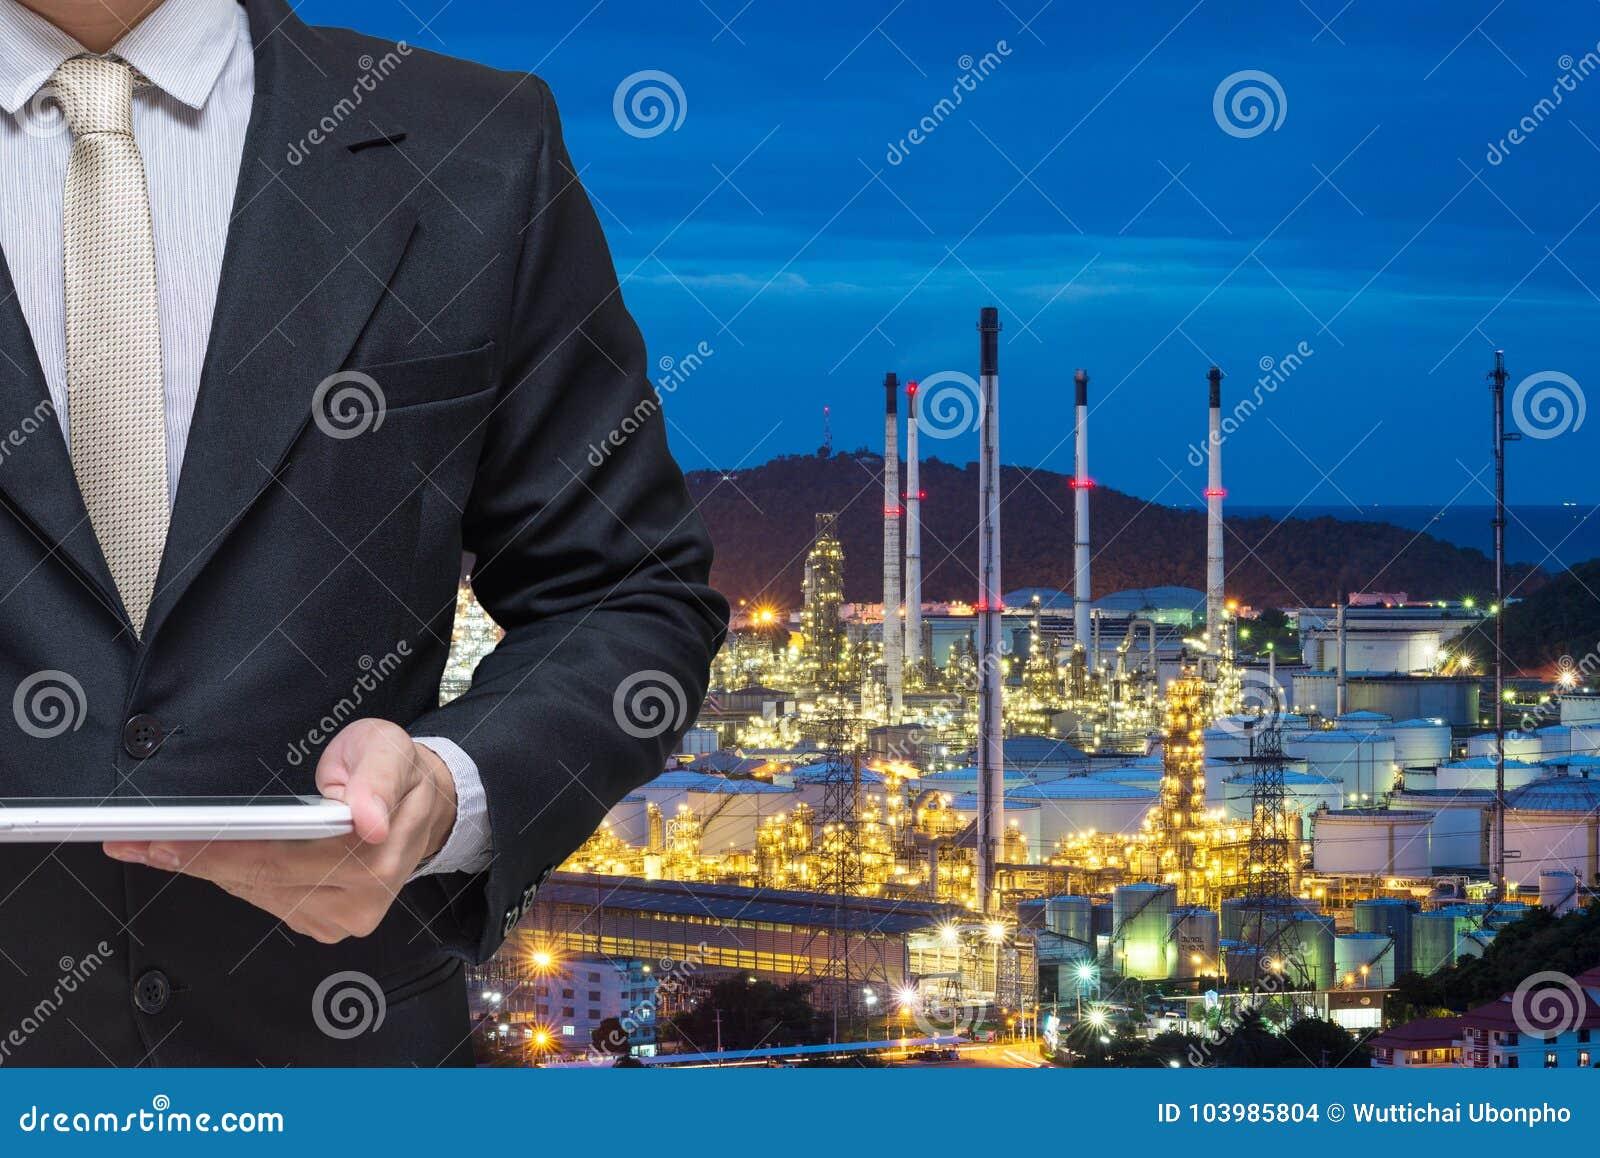 Dirigir la tableta de trabajo del control con la central eléctrica de la refinería de petróleo